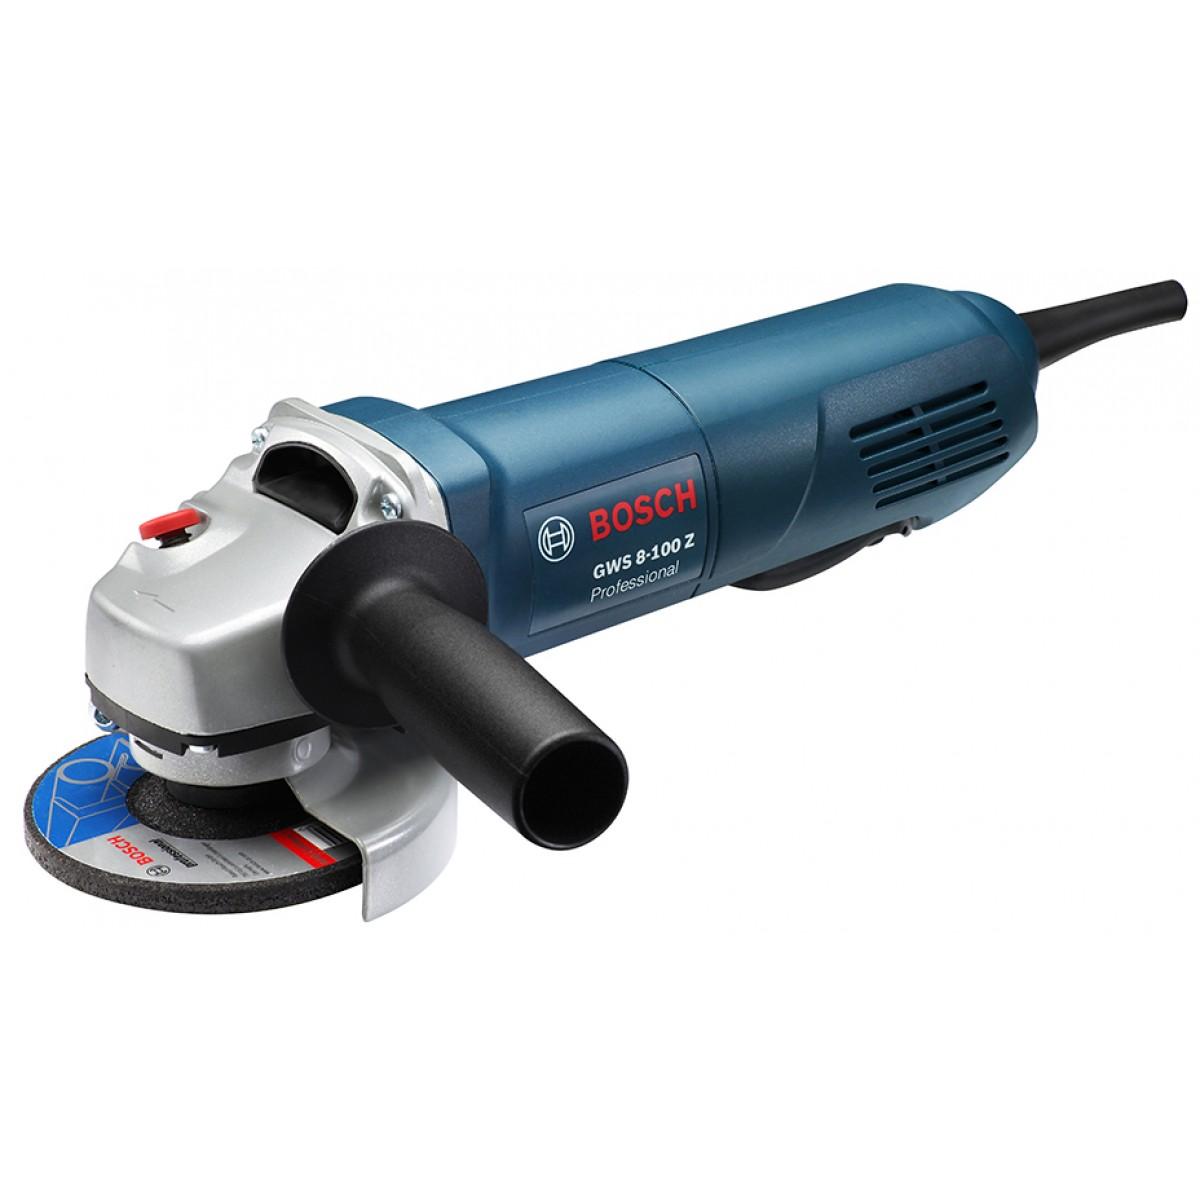 Bosch Disc Grinder Gws 8 100z Grinding Sanding Power